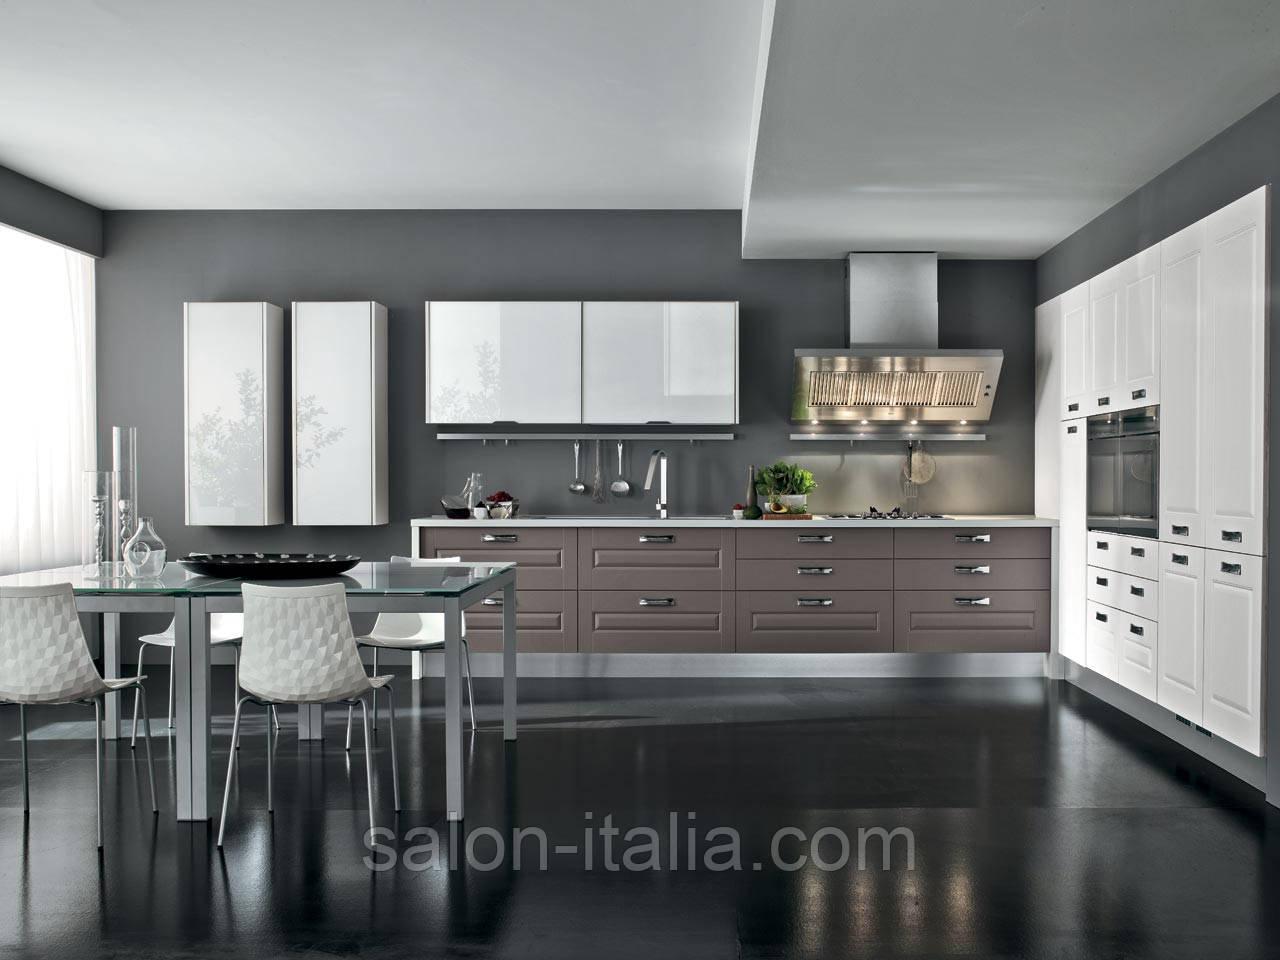 Кухня Leda, LUBE (Італія)